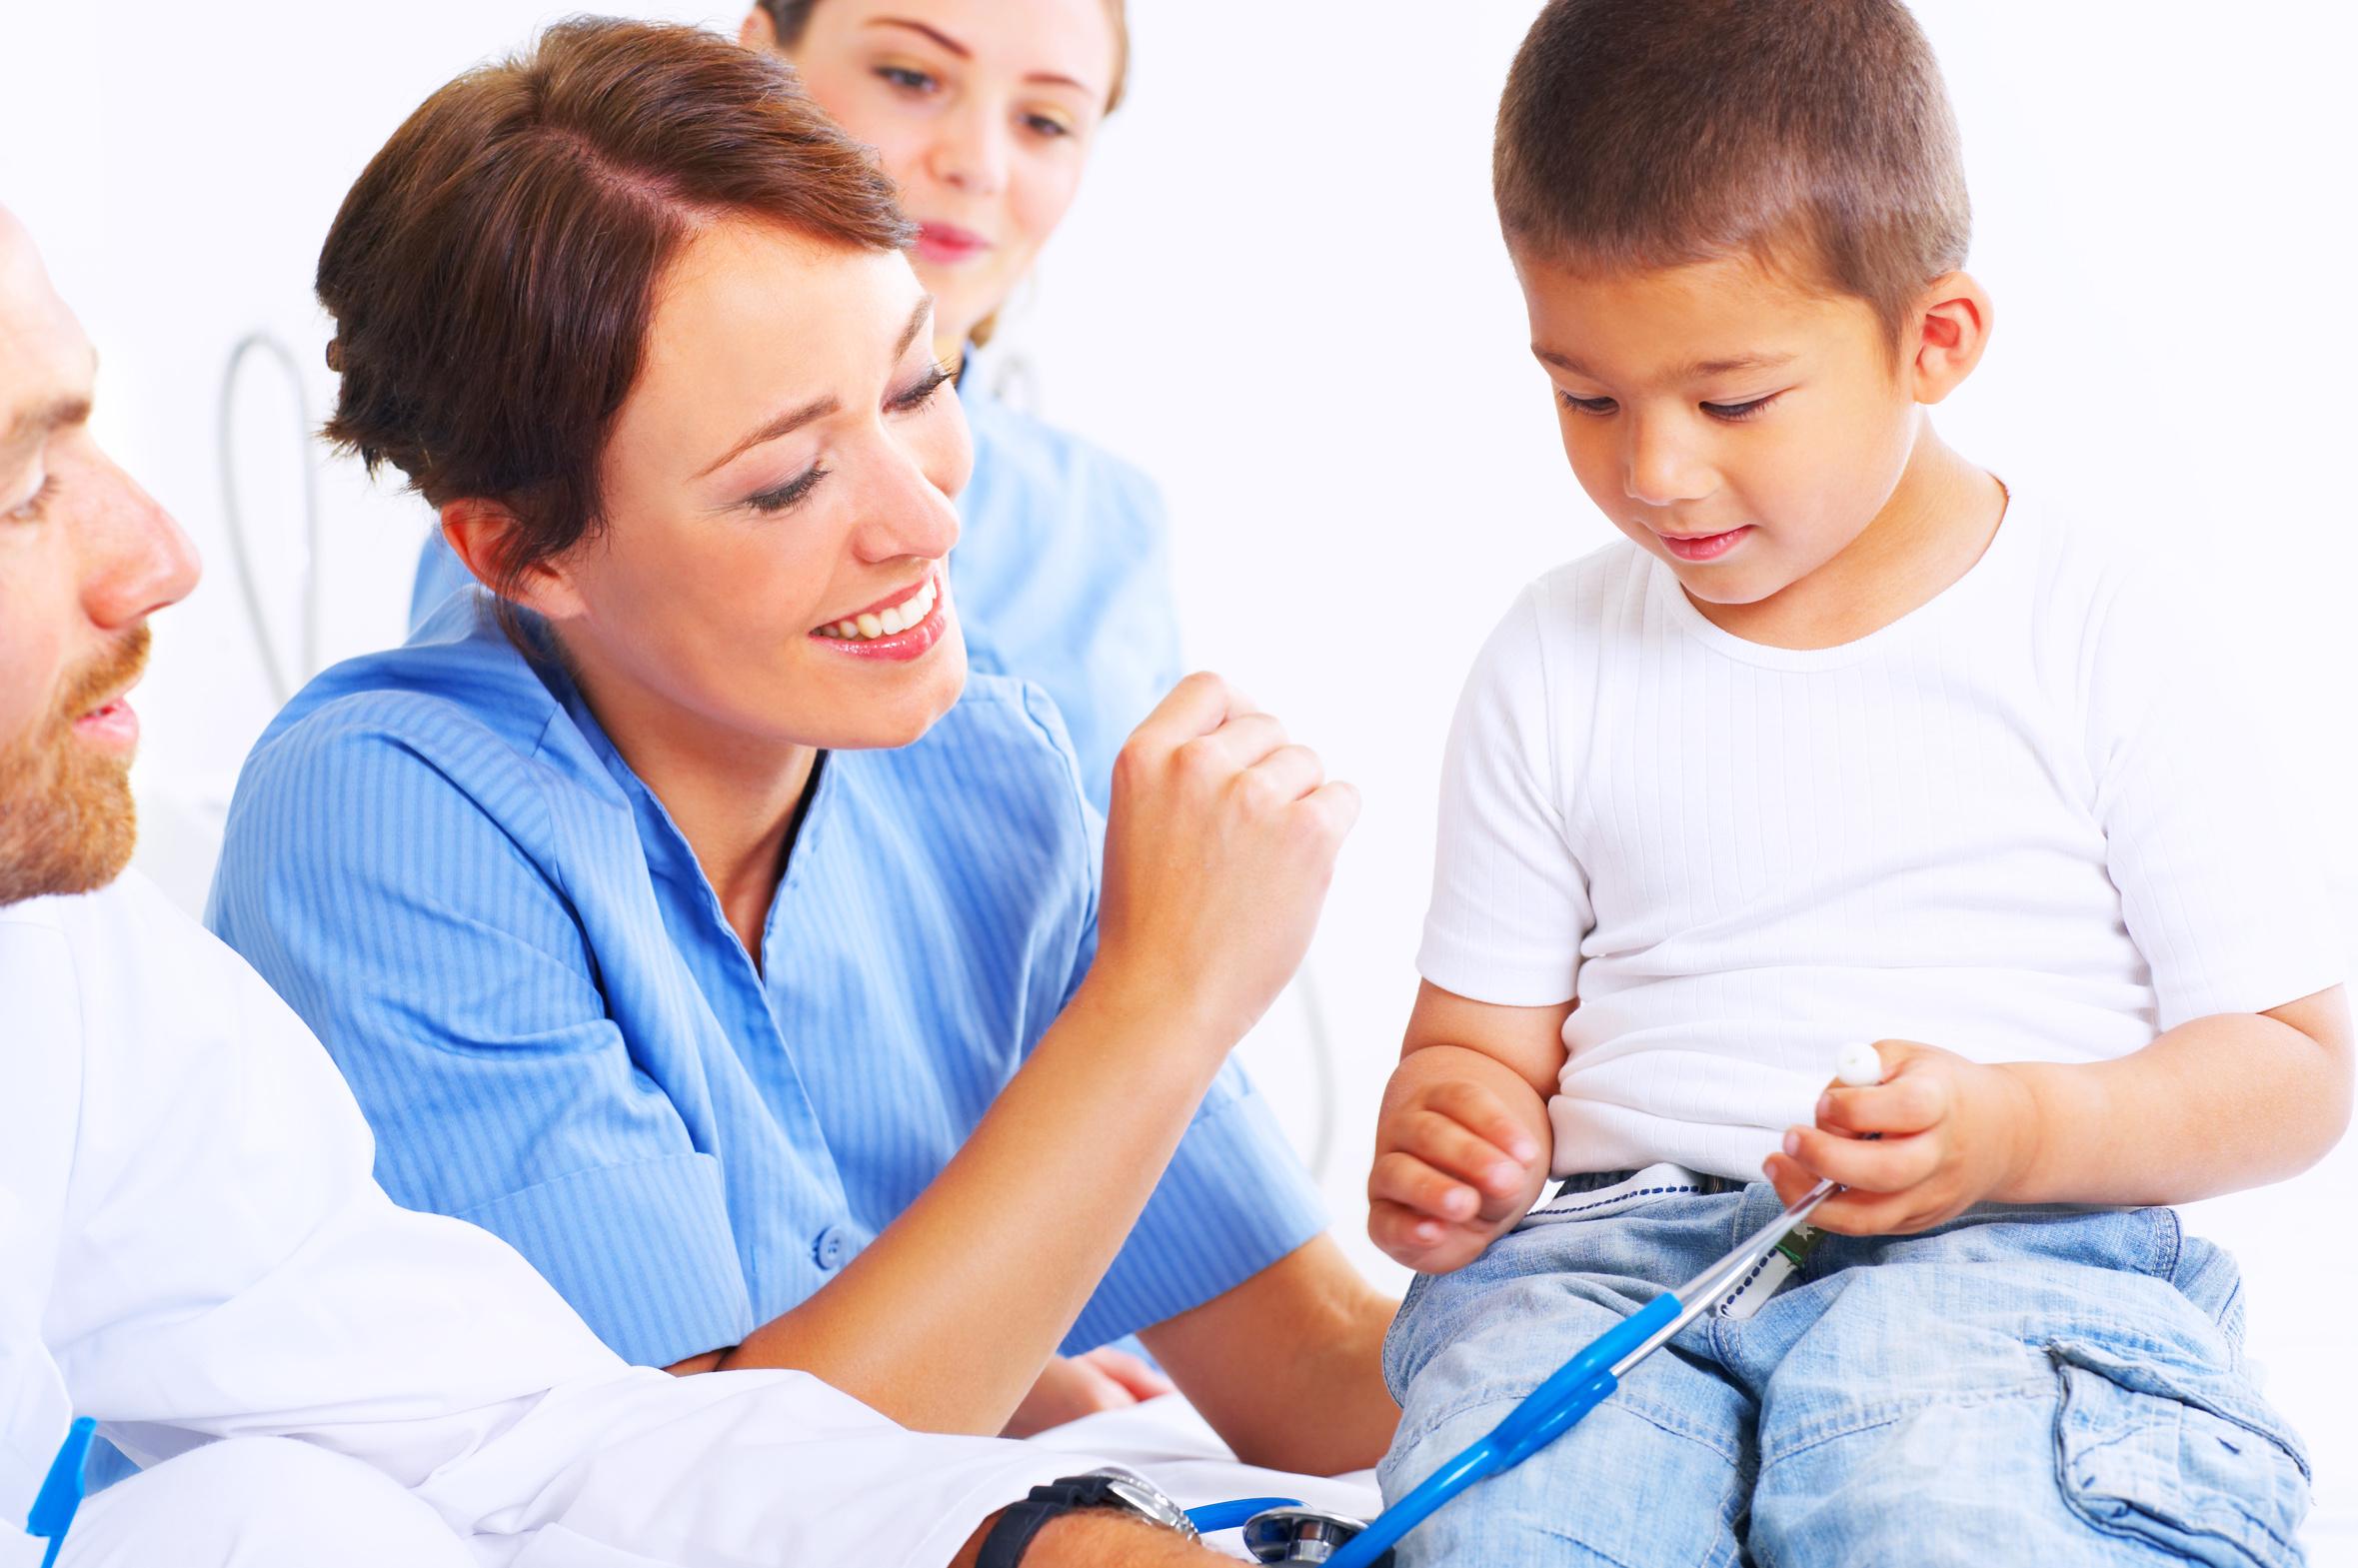 Лимфаденит у детей – это заболевание лимфатических узлов. Сопровождается воспалительным процессом, часто гнойным.